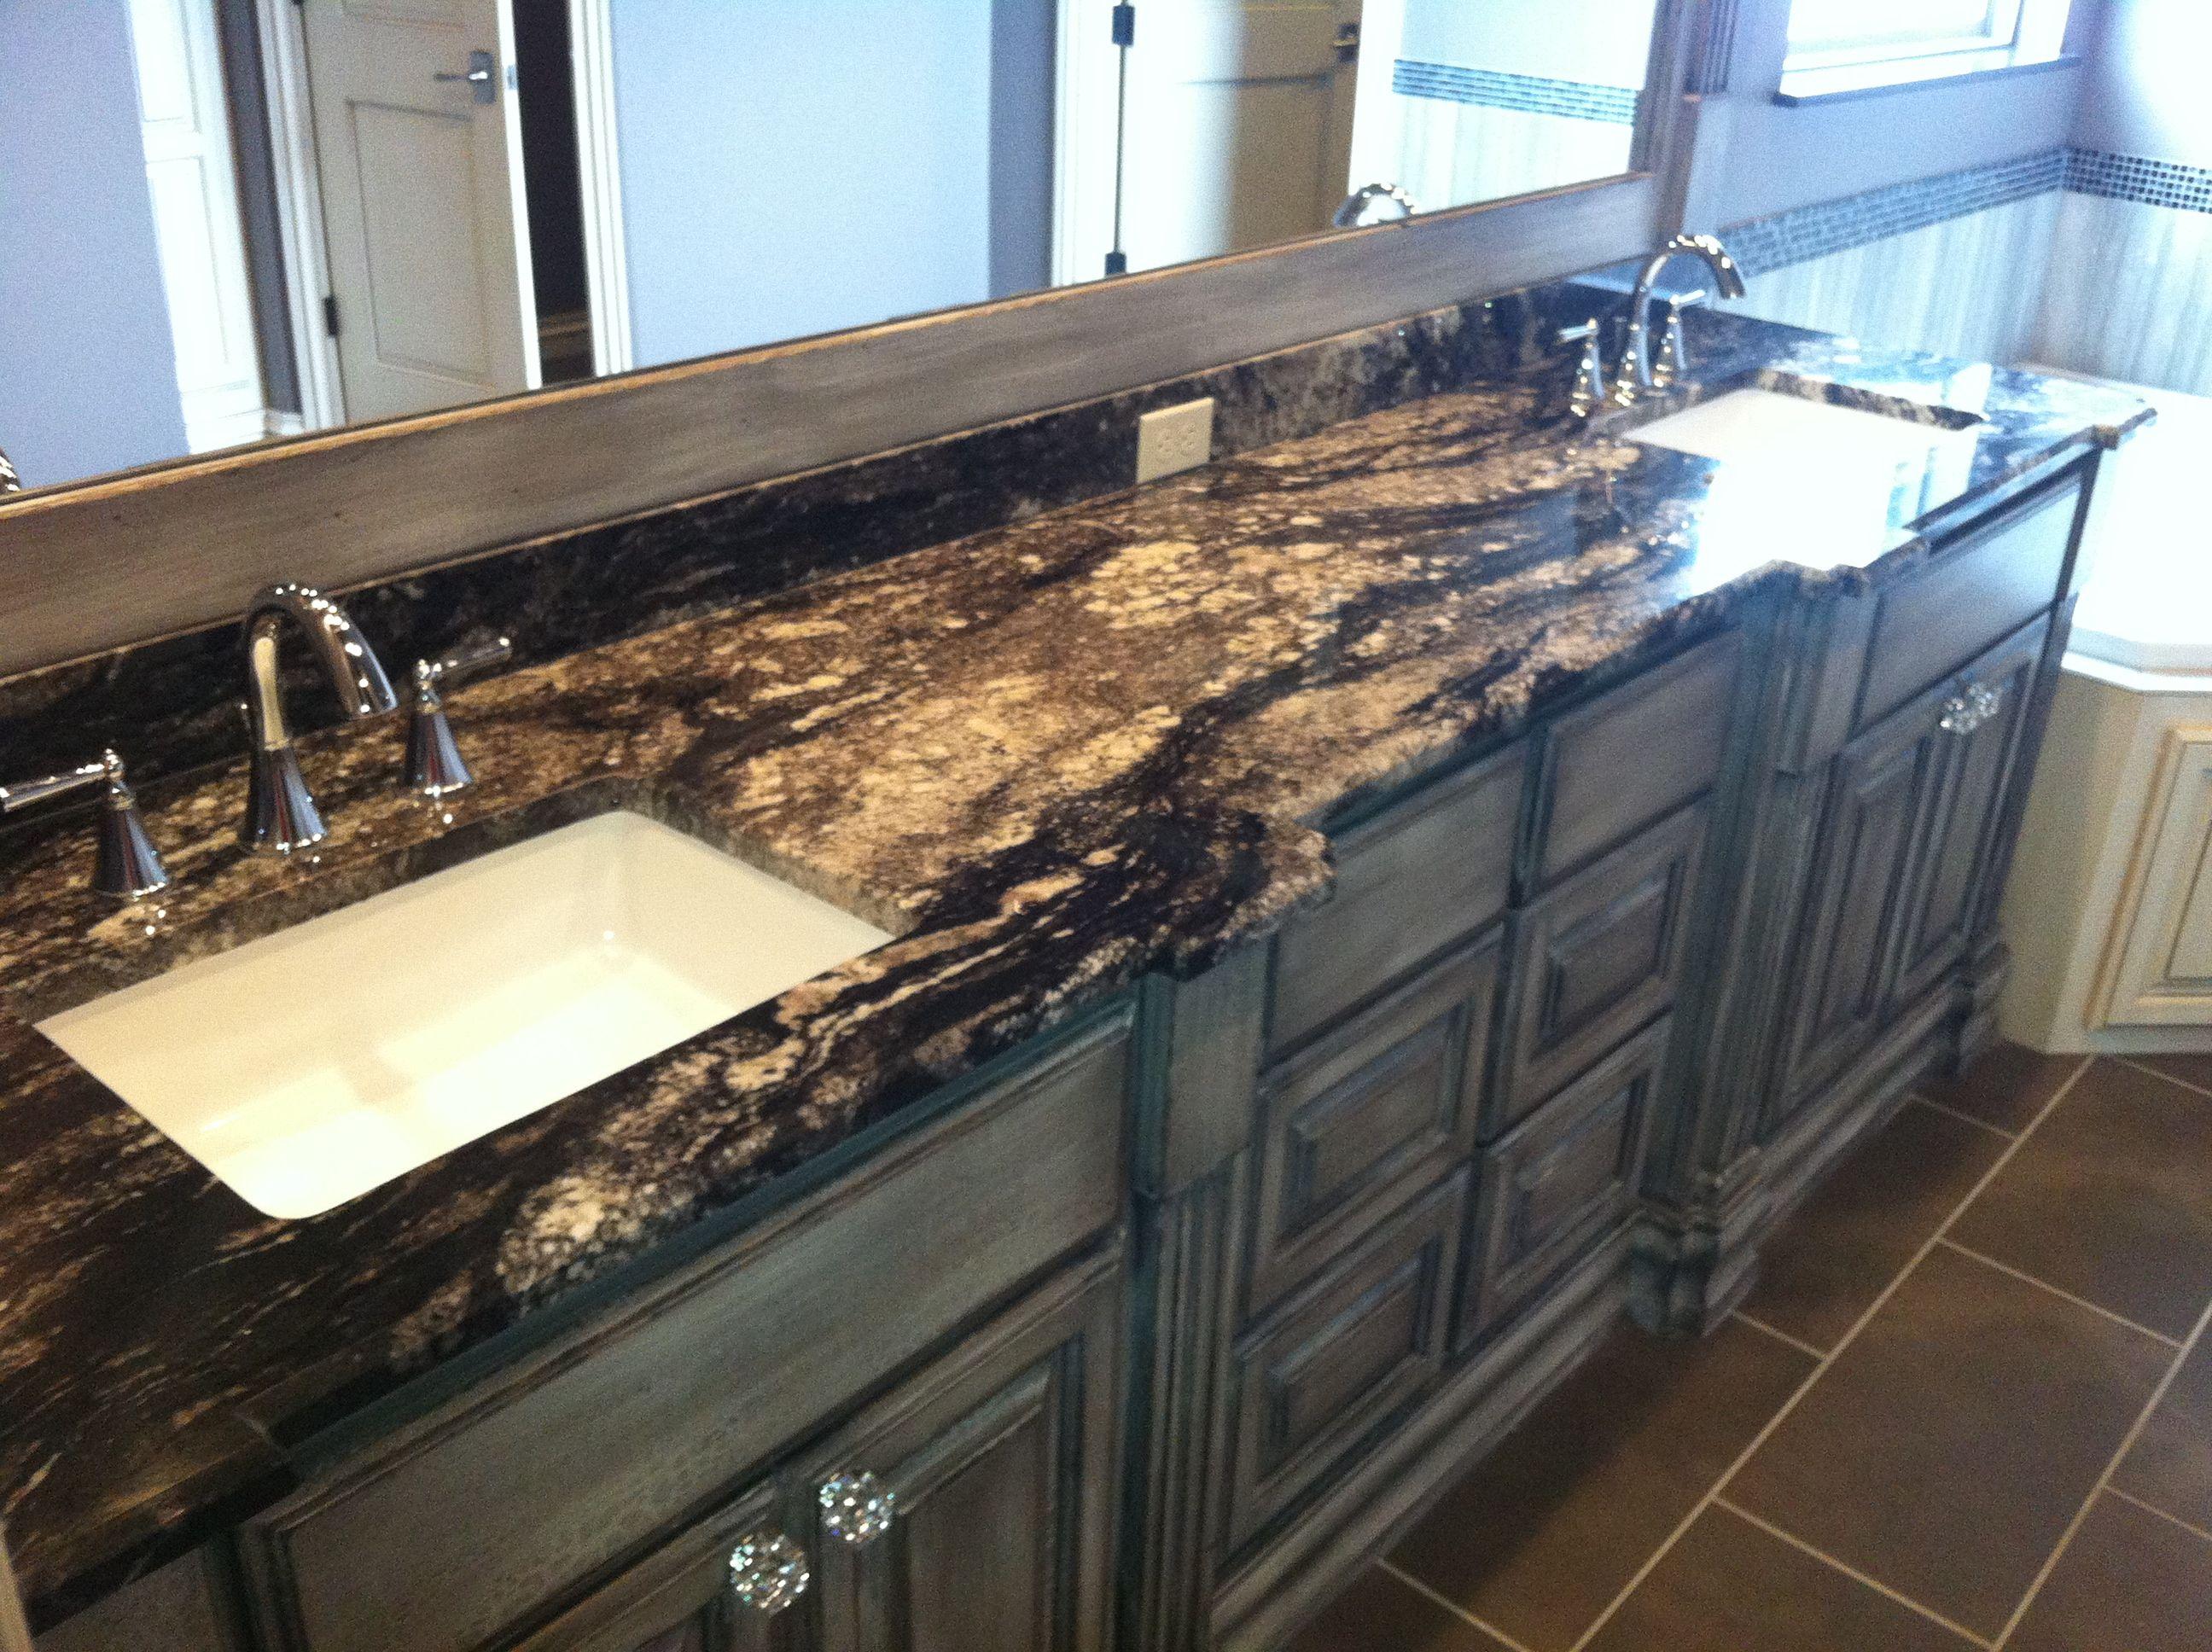 Titanium Granite Countertop With Backsplash - Year of Clean